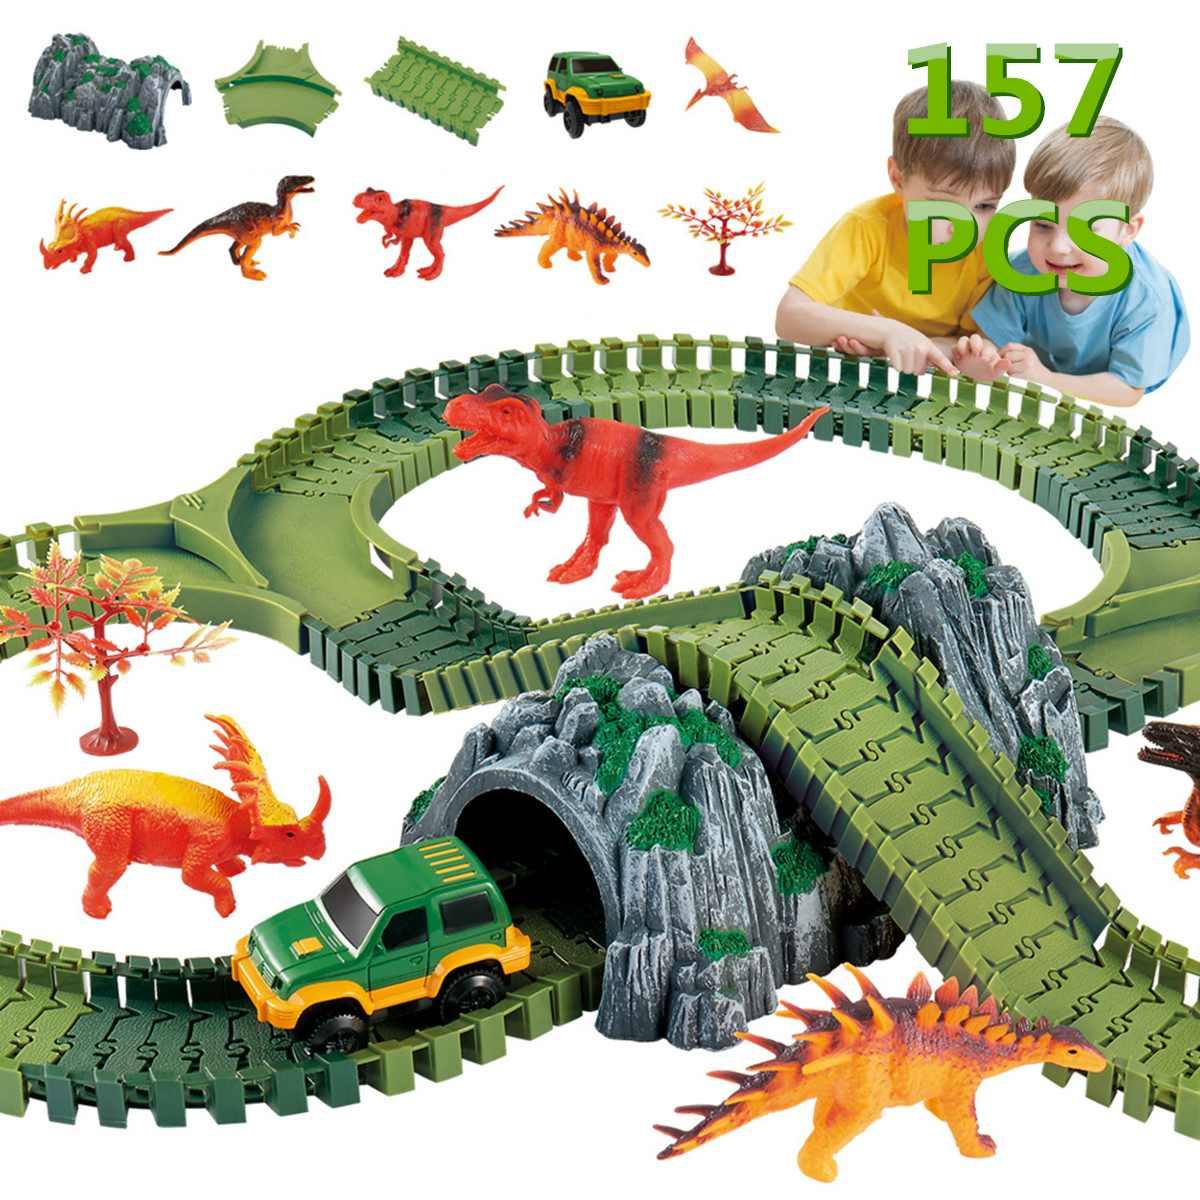 Chemin de fer éducatif jouet course pistes 157 pièces magique course piste jeu ensemble bricolage Flex course piste drôle dinosaure enfant cadeaux